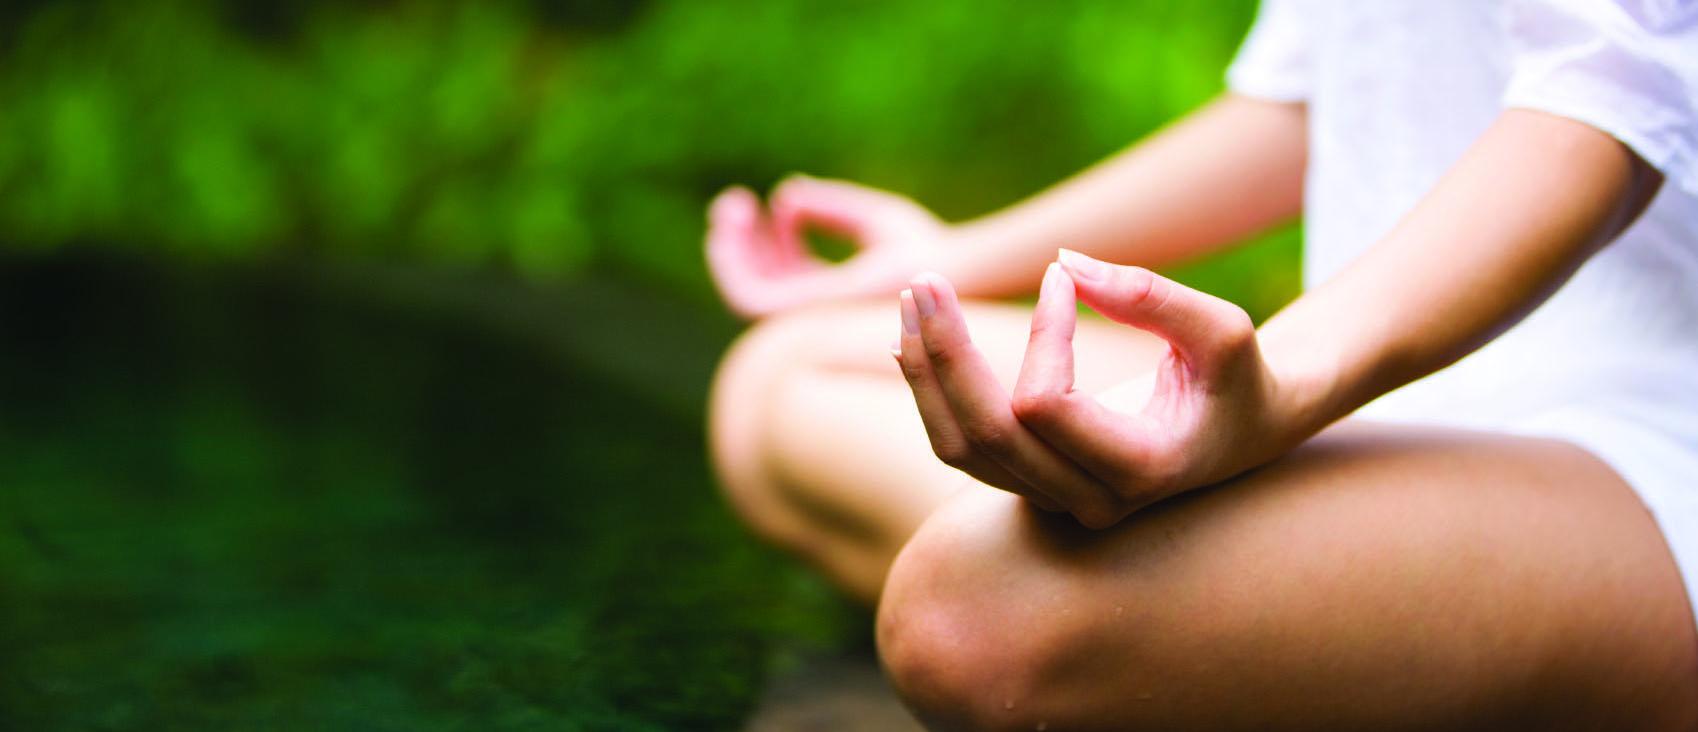 Terapias alternativas, meditación y medicina China - Tao Vital Granada